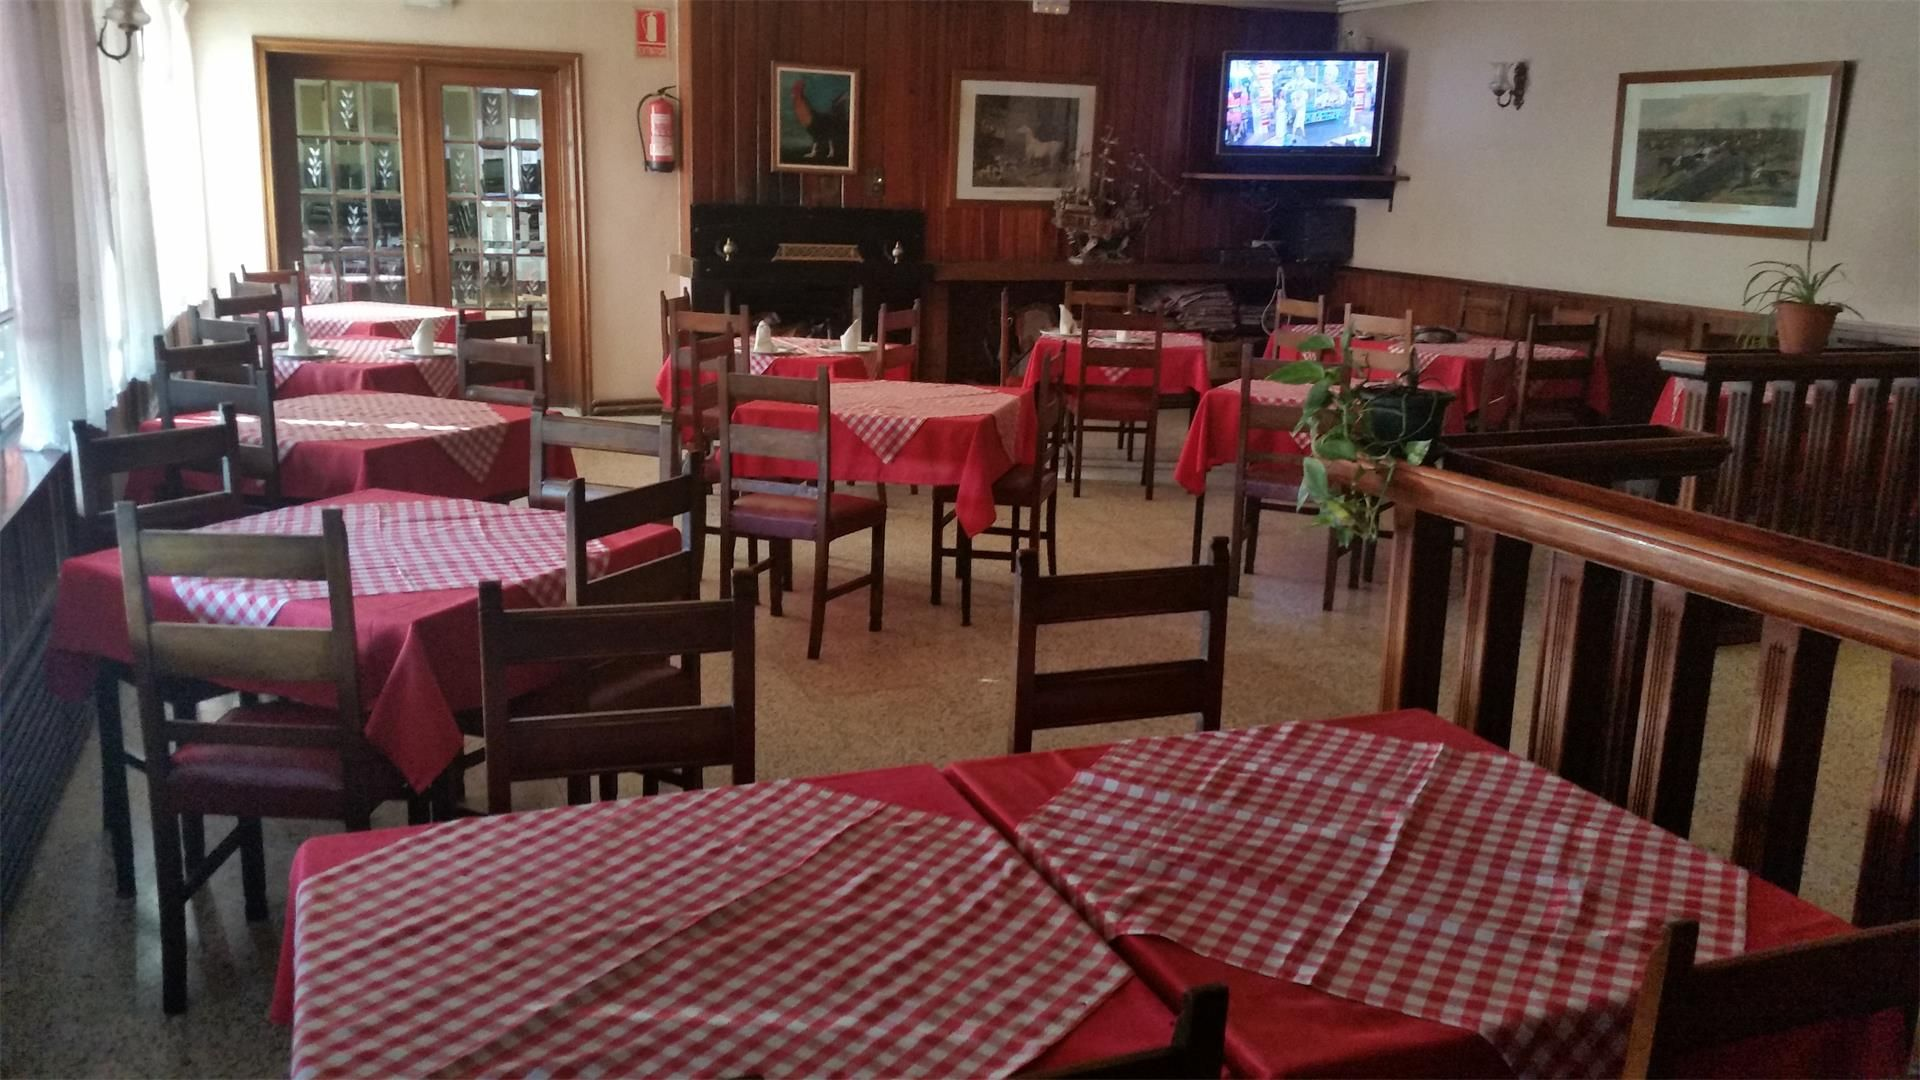 Local de alquiler en Calle el Gallo Rojo, 168, Mojados (Mojados, Valladolid)